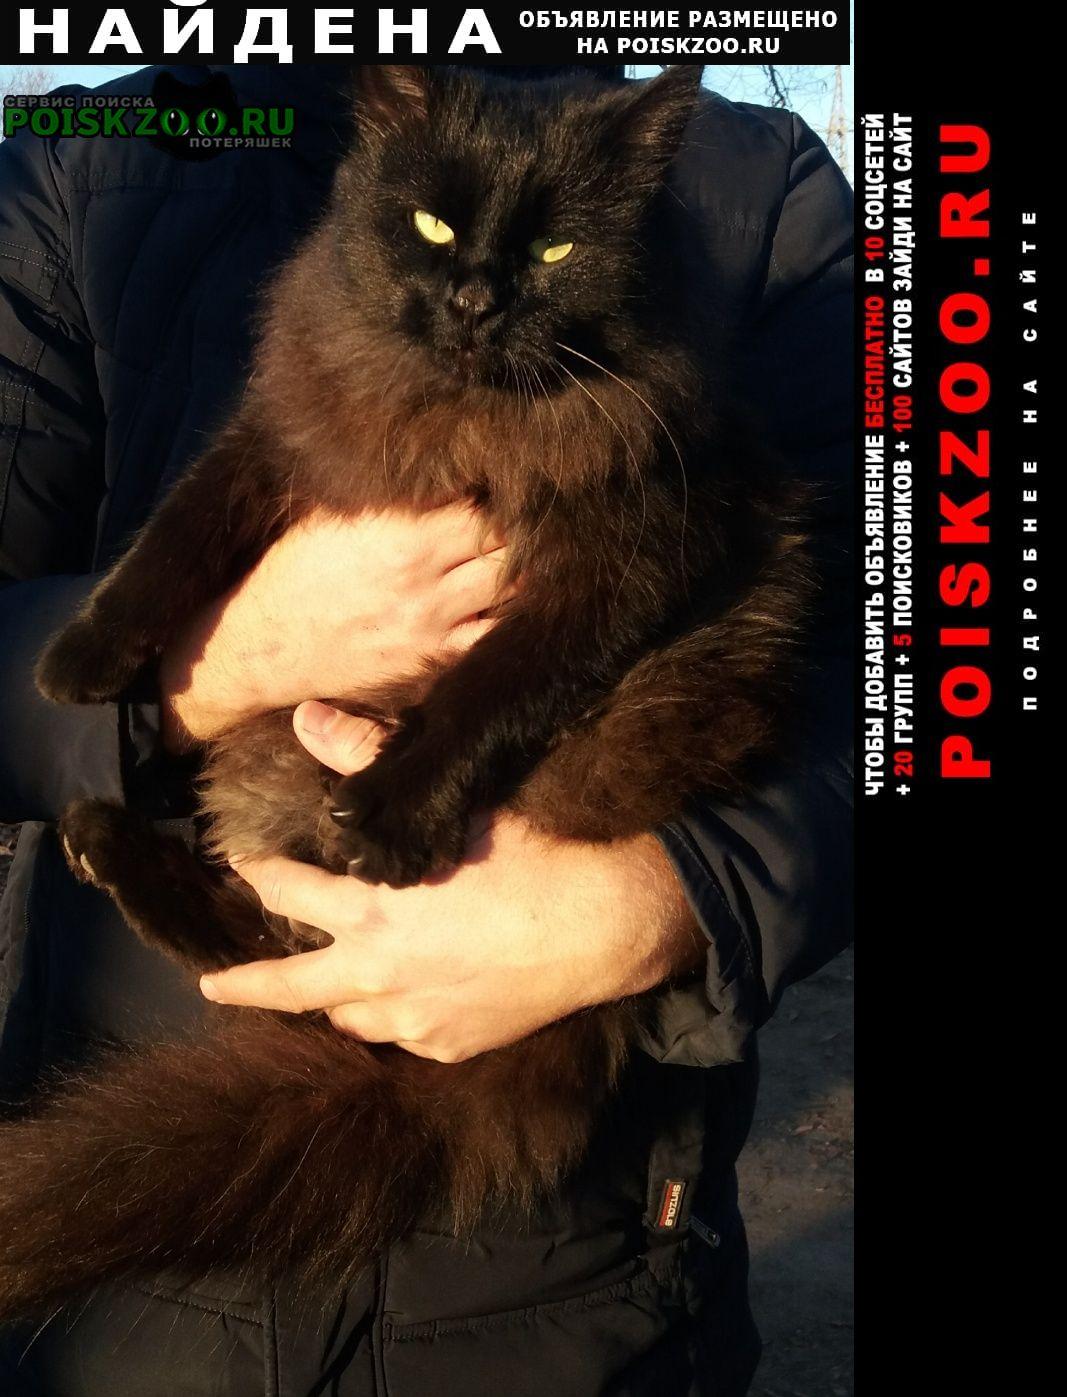 Найдена кошка Пенза